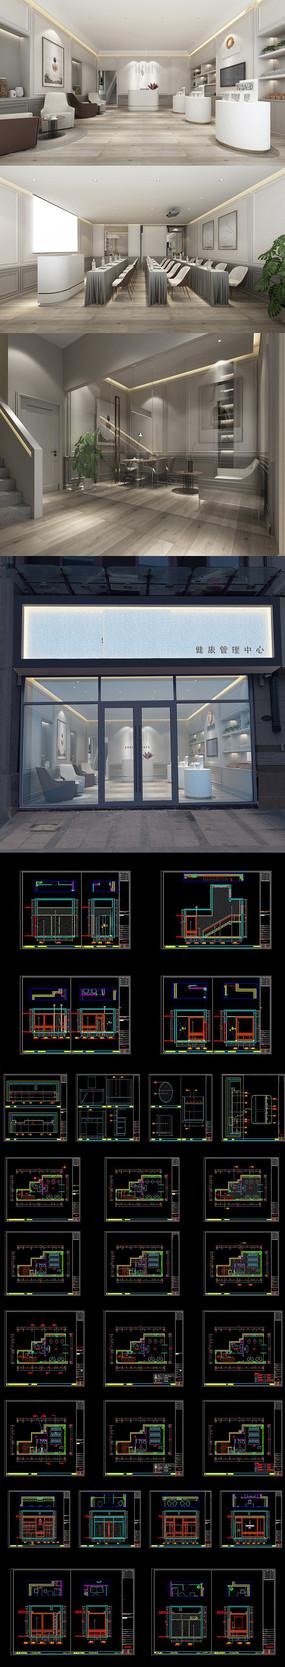 全套美容院CAD施工图 效果图